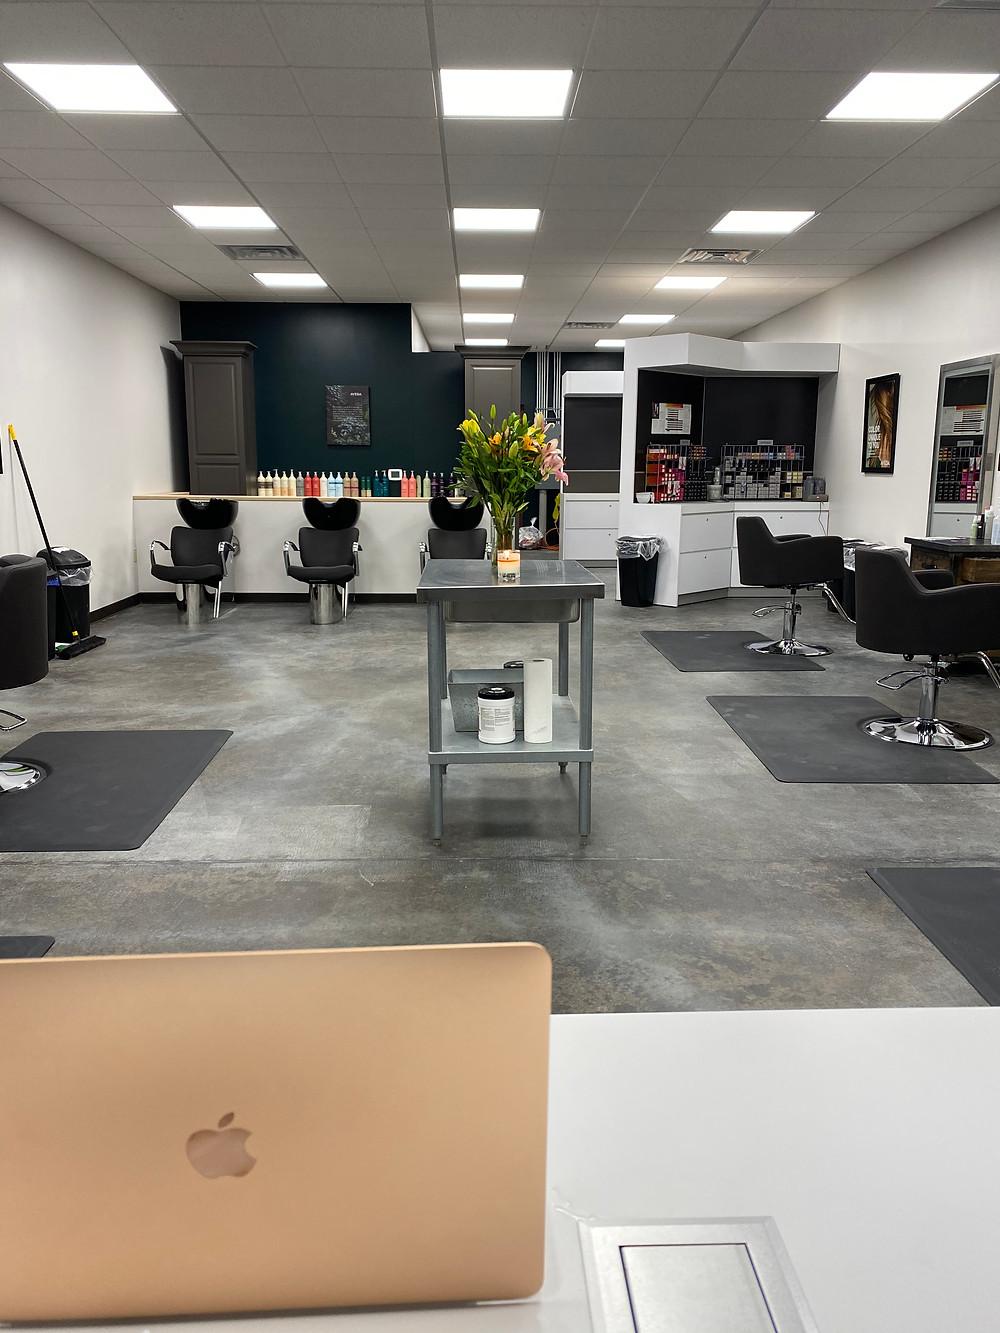 Interior of Portfolio's salon location in Bellefonte, PA